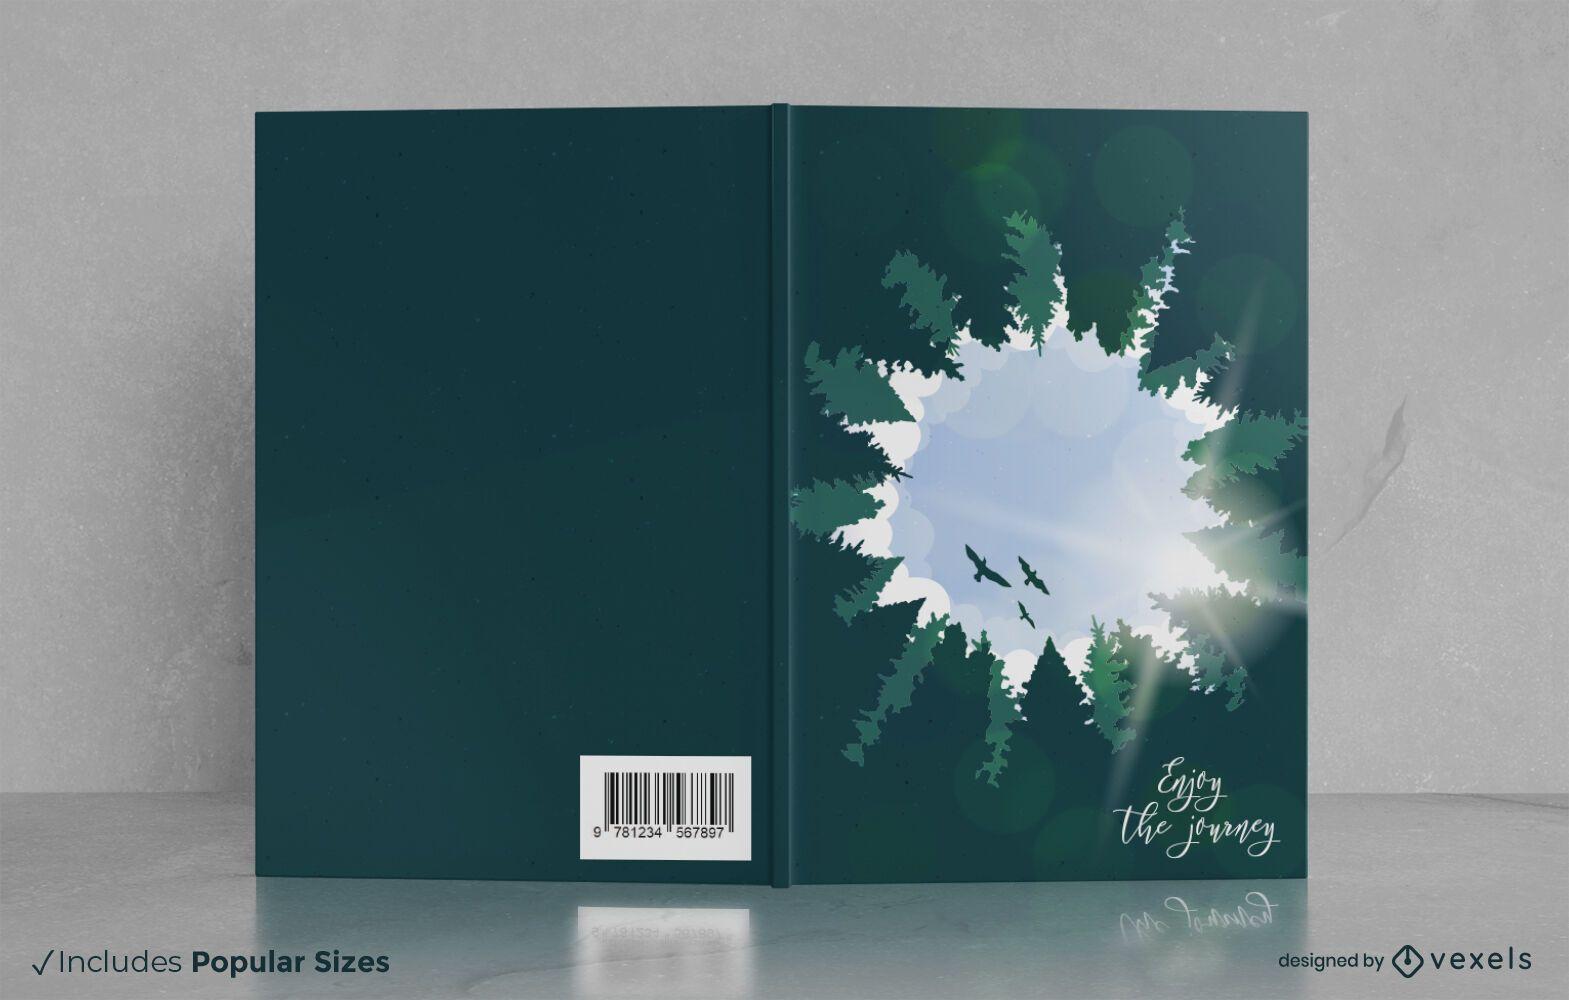 Disfruta del diseño de la portada del libro de viajes